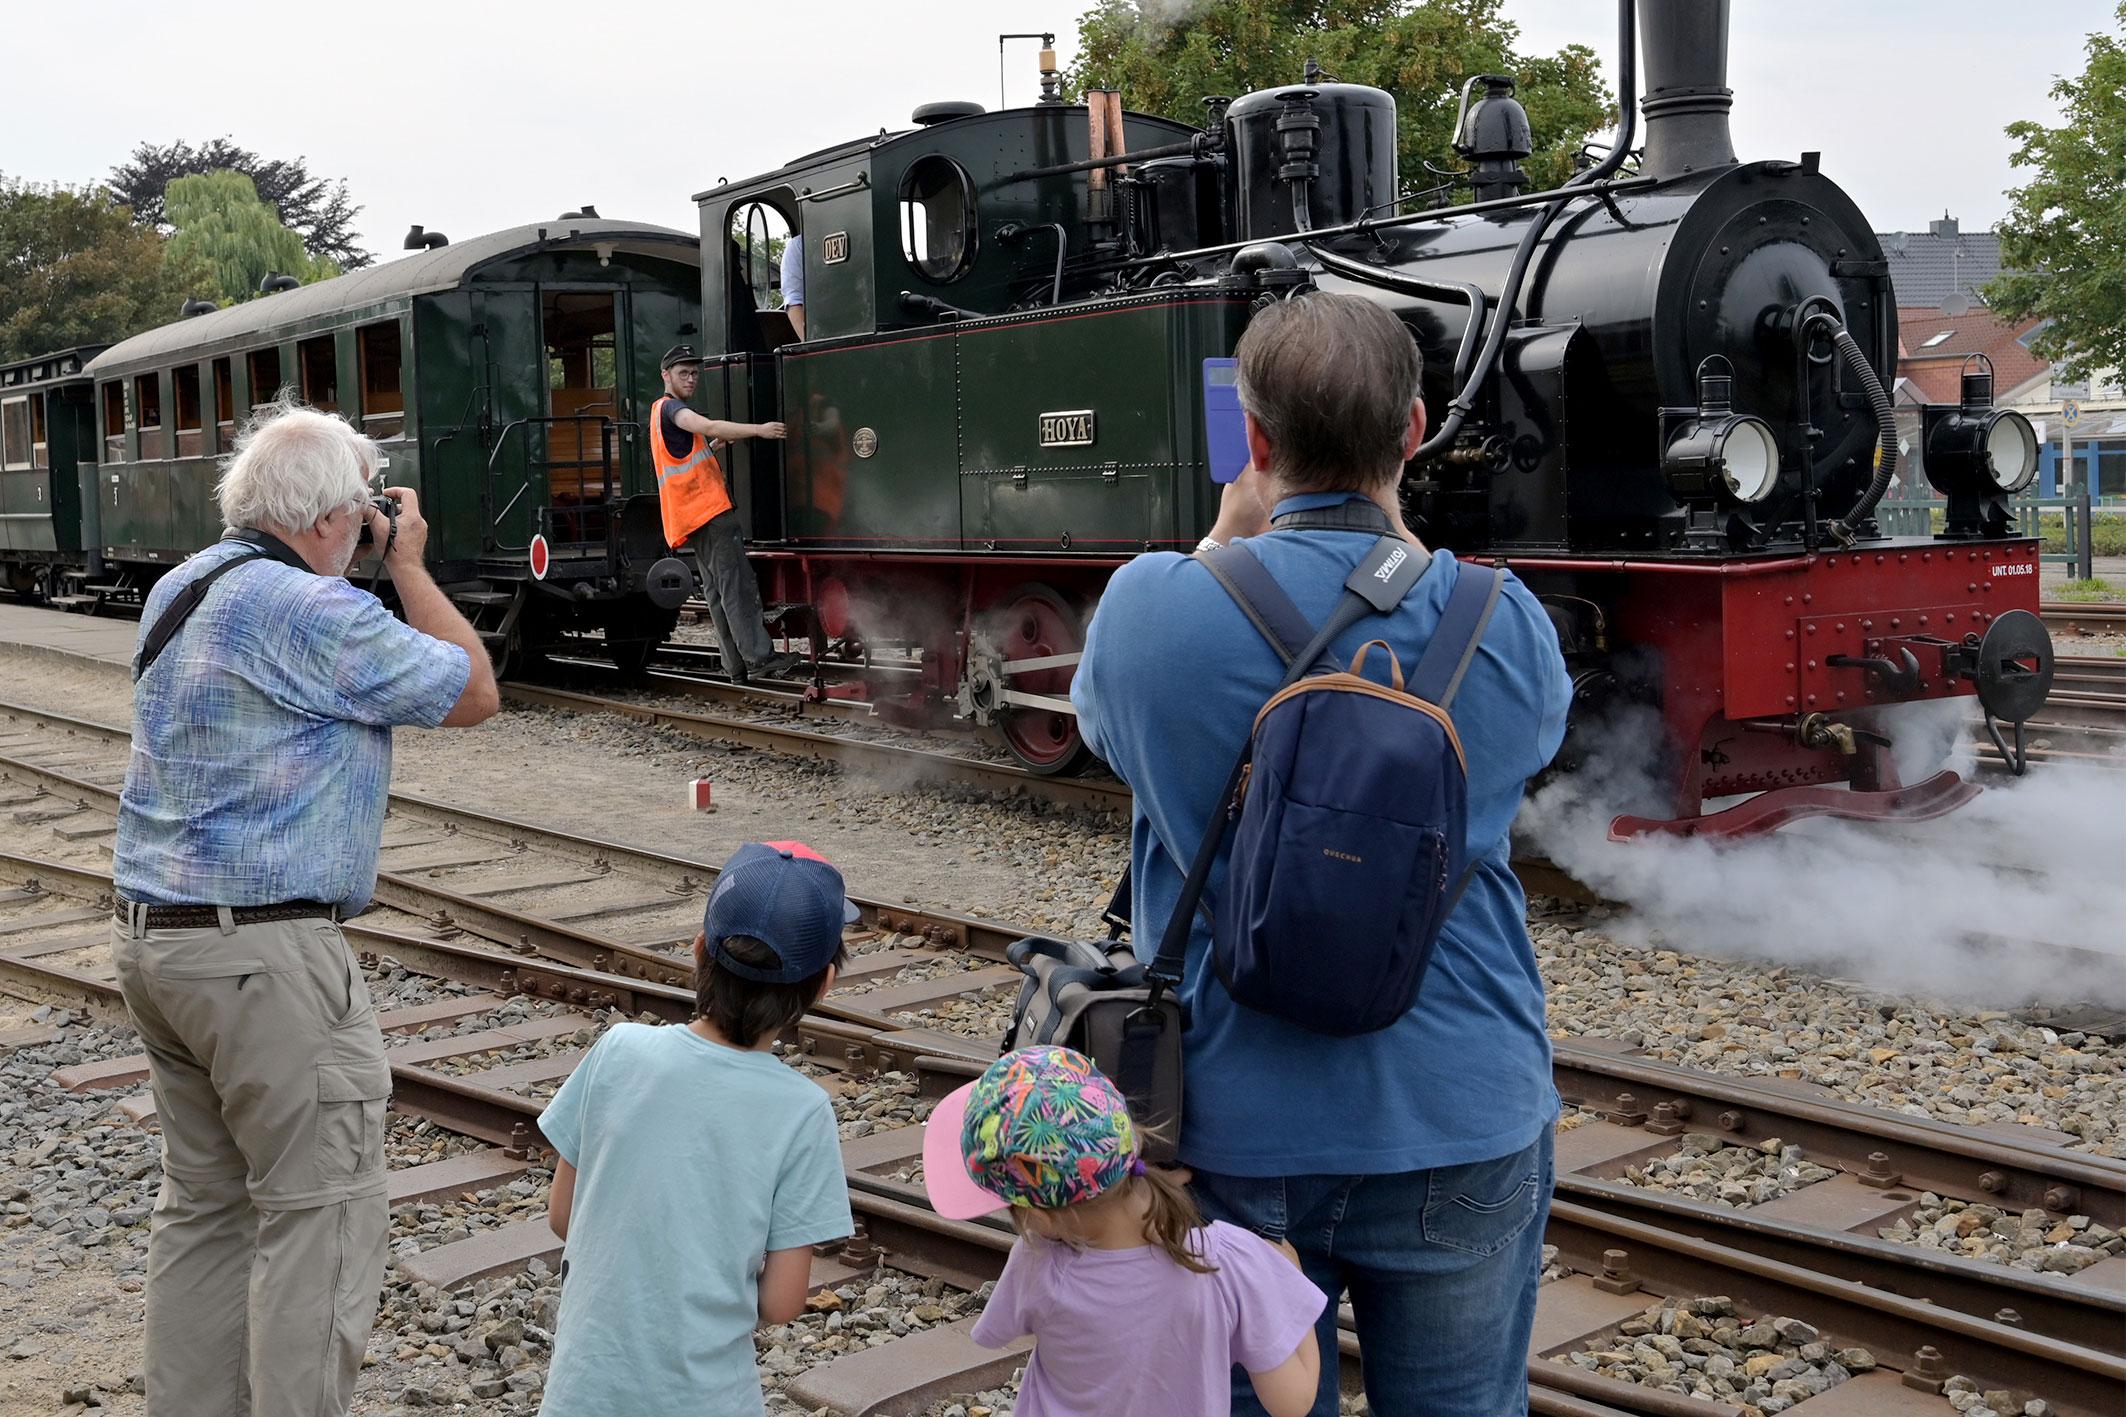 Ob Fotoapparat oder Smartphone, die Züge waren ein begehrtes Objekt.